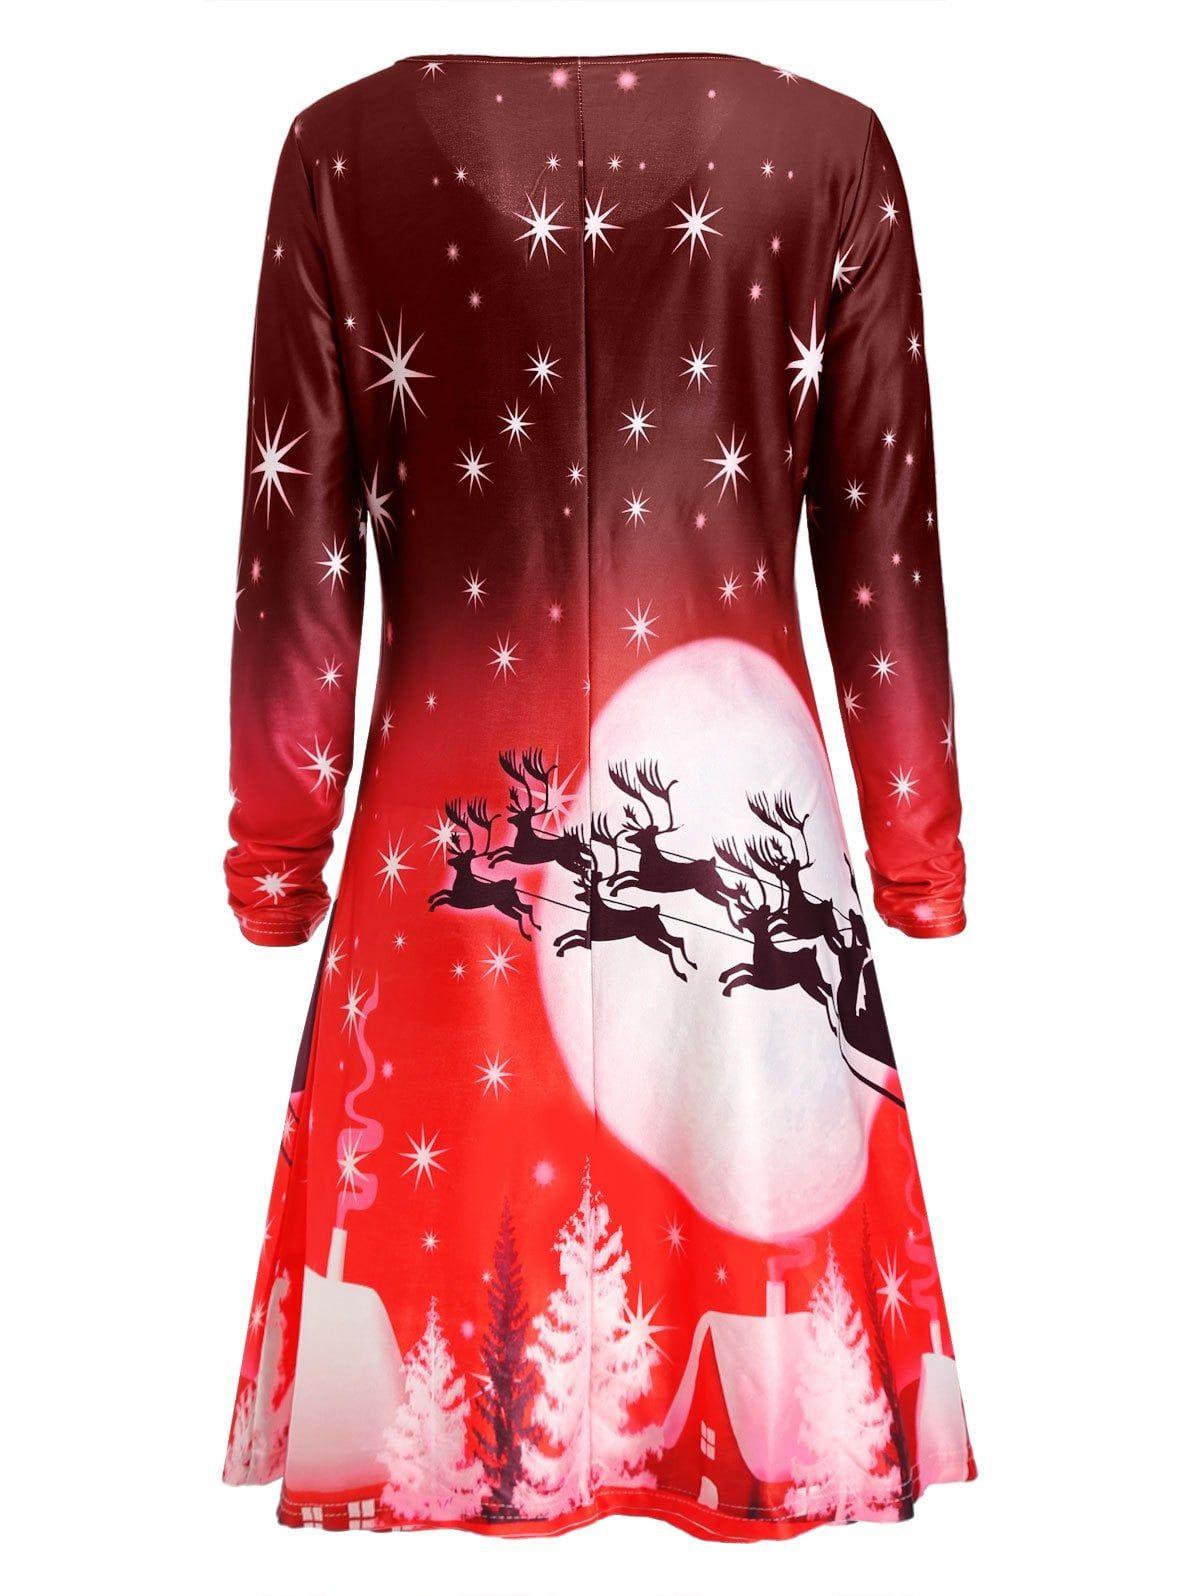 Christmas Deer Long Sleeve Dress Blue Green Purple Red Sage Green Sponsored Sleeve Dress Long Sleeve Dress Christmas Dress Women A Line Cocktail Dress [ 1596 x 1200 Pixel ]